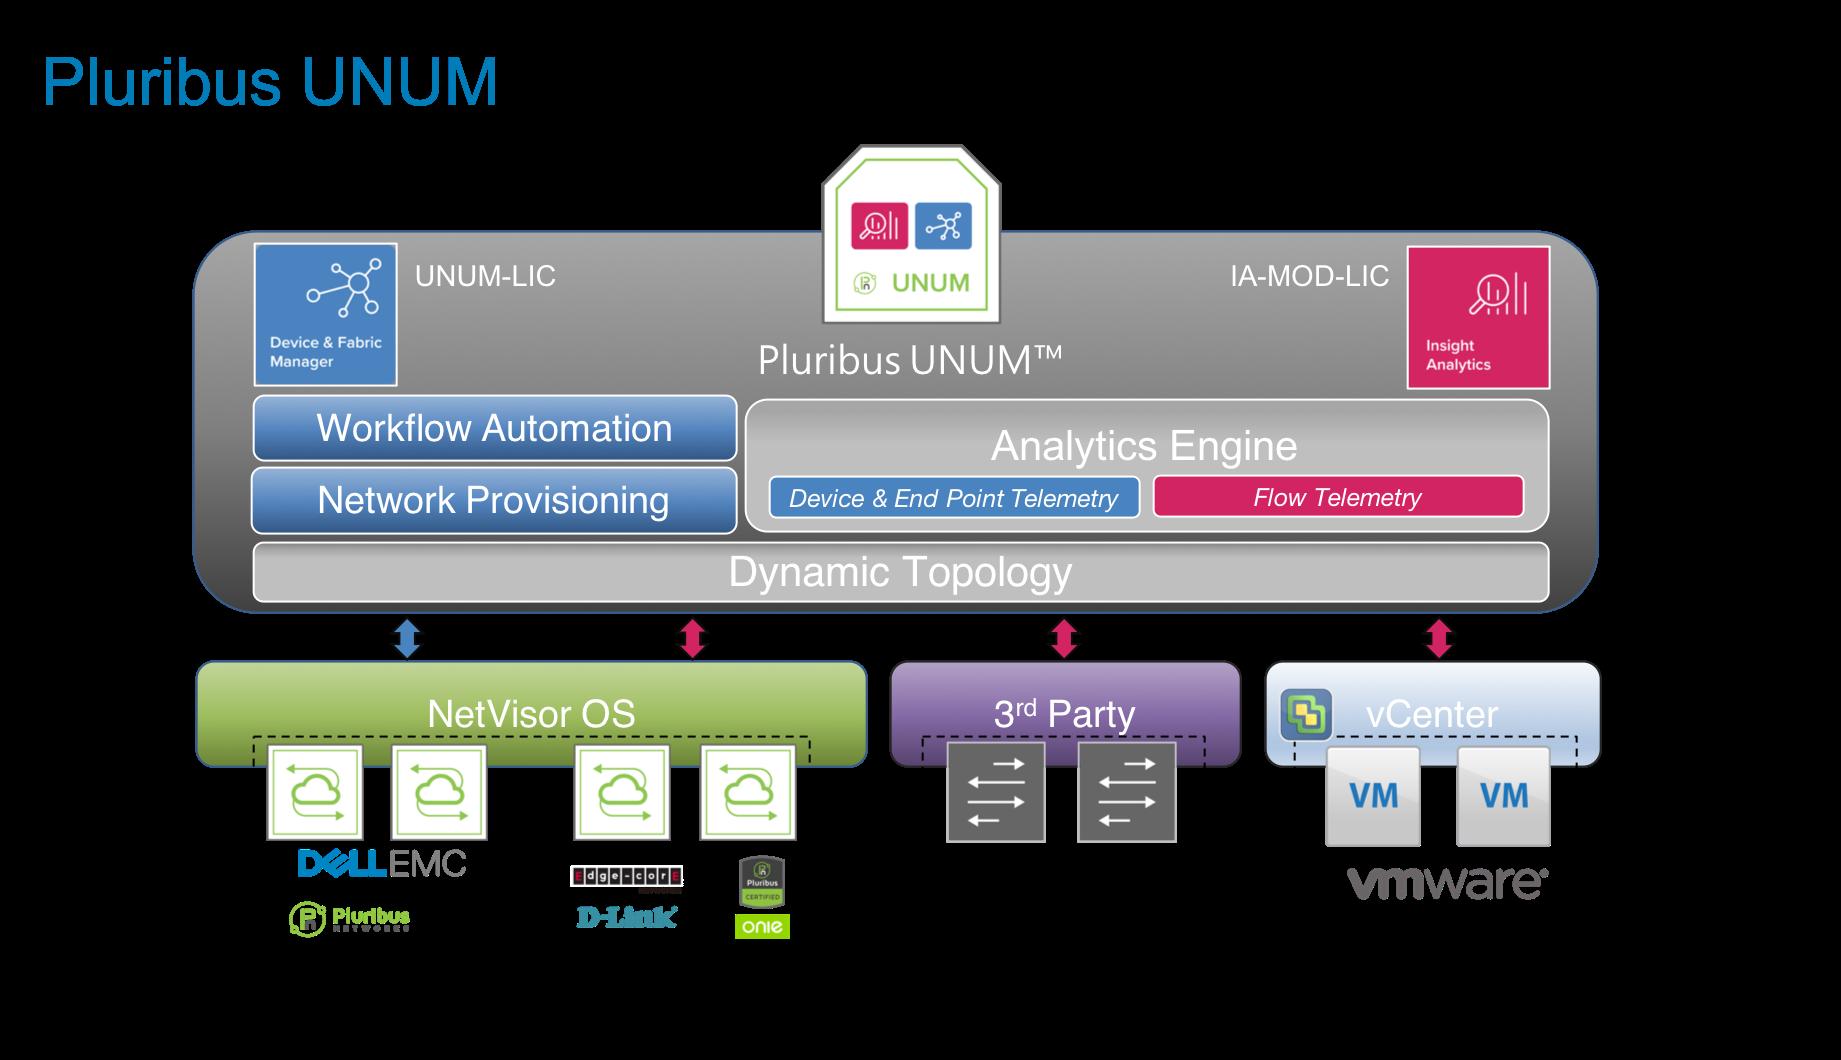 Pluribus UNUM - Engineering Simplicity for Your Data Centers